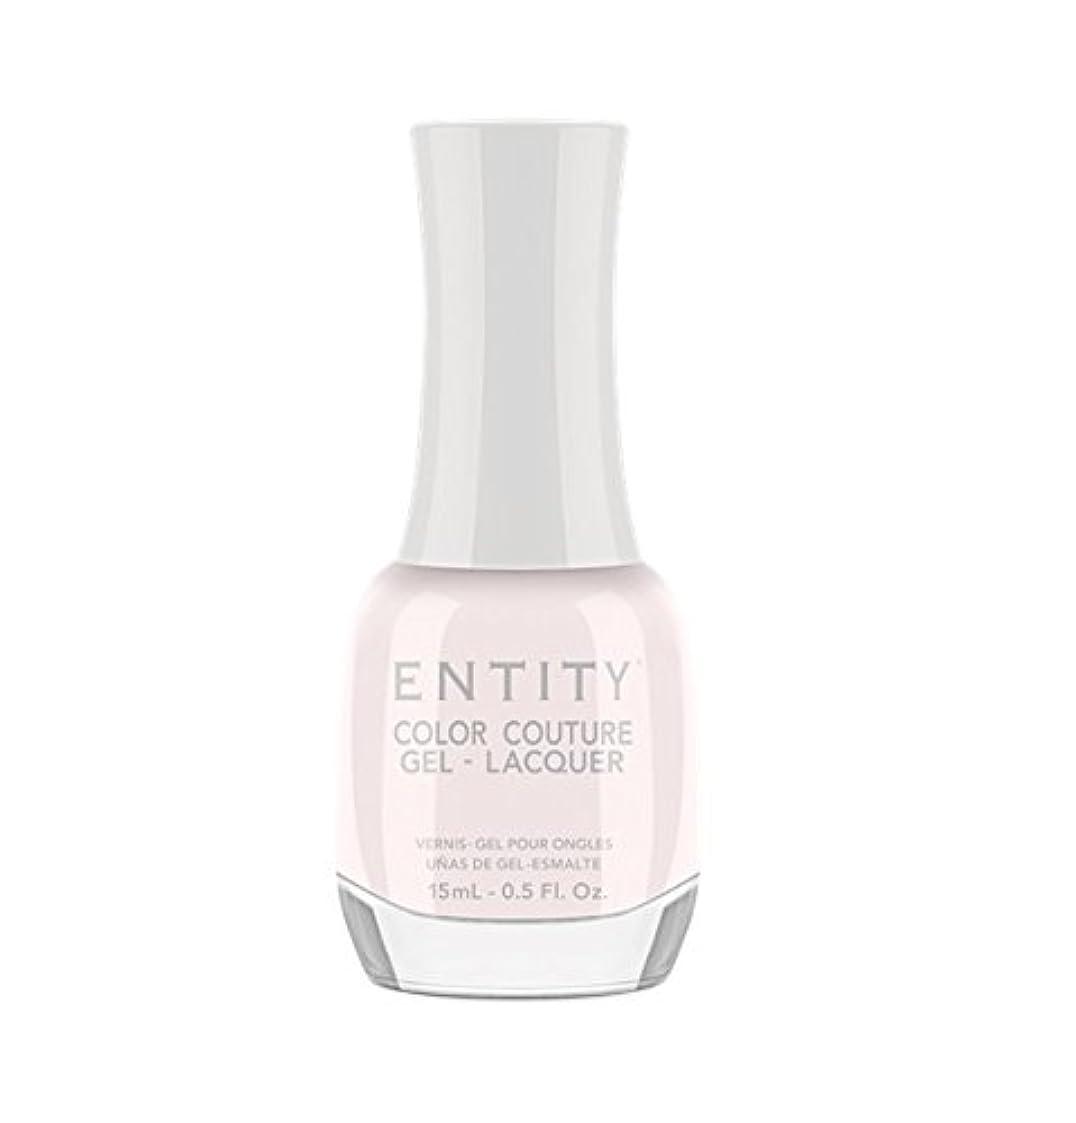 マウント予約暴露Entity Color Couture Gel-Lacquer - Sheer Perfection - 15 ml/0.5 oz